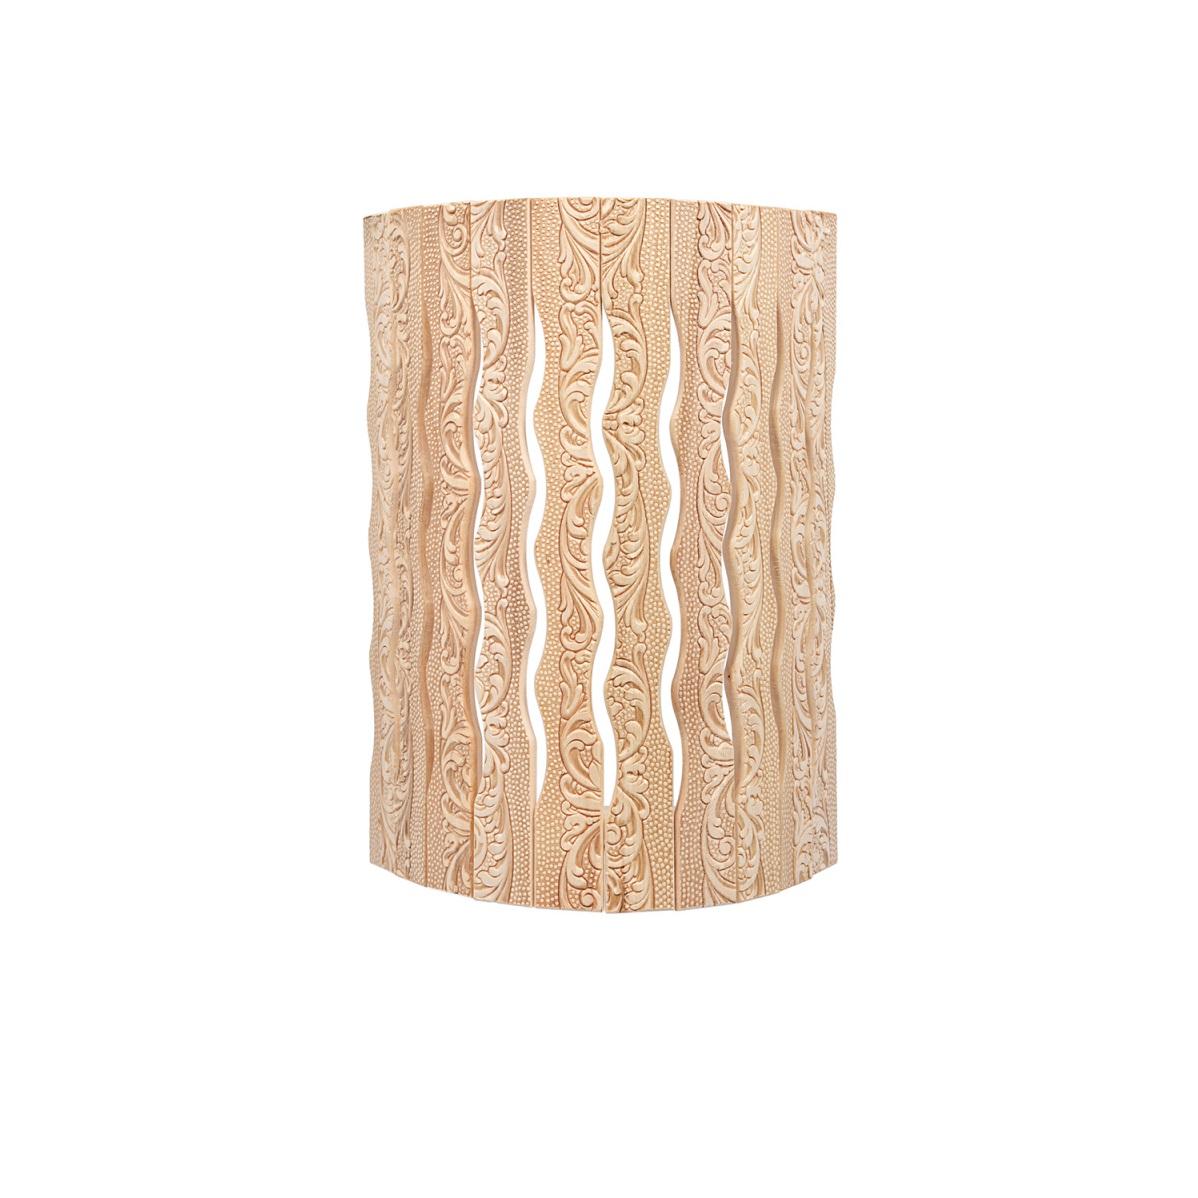 Абажур Банные штучки для светильника, угловой, липа, с орнаментом Цветы, 31х9х22 см